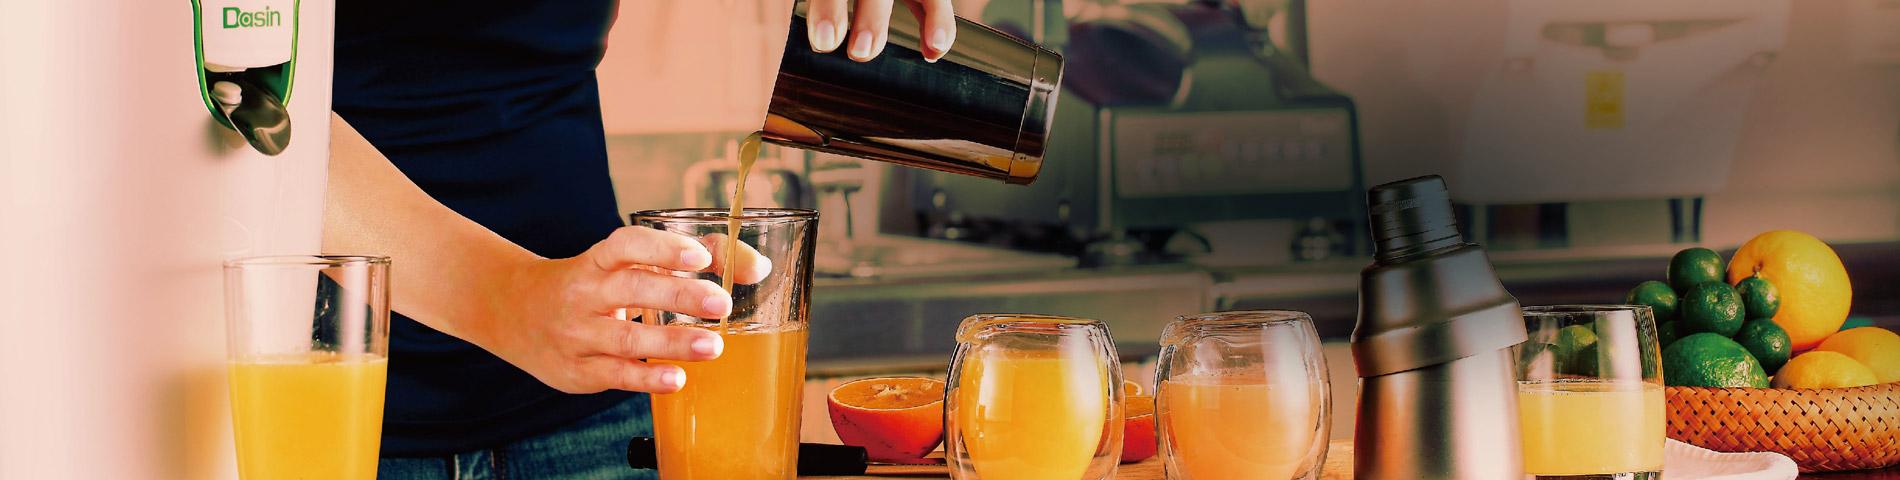 Suco com Extraordinário Cheirar e saborear